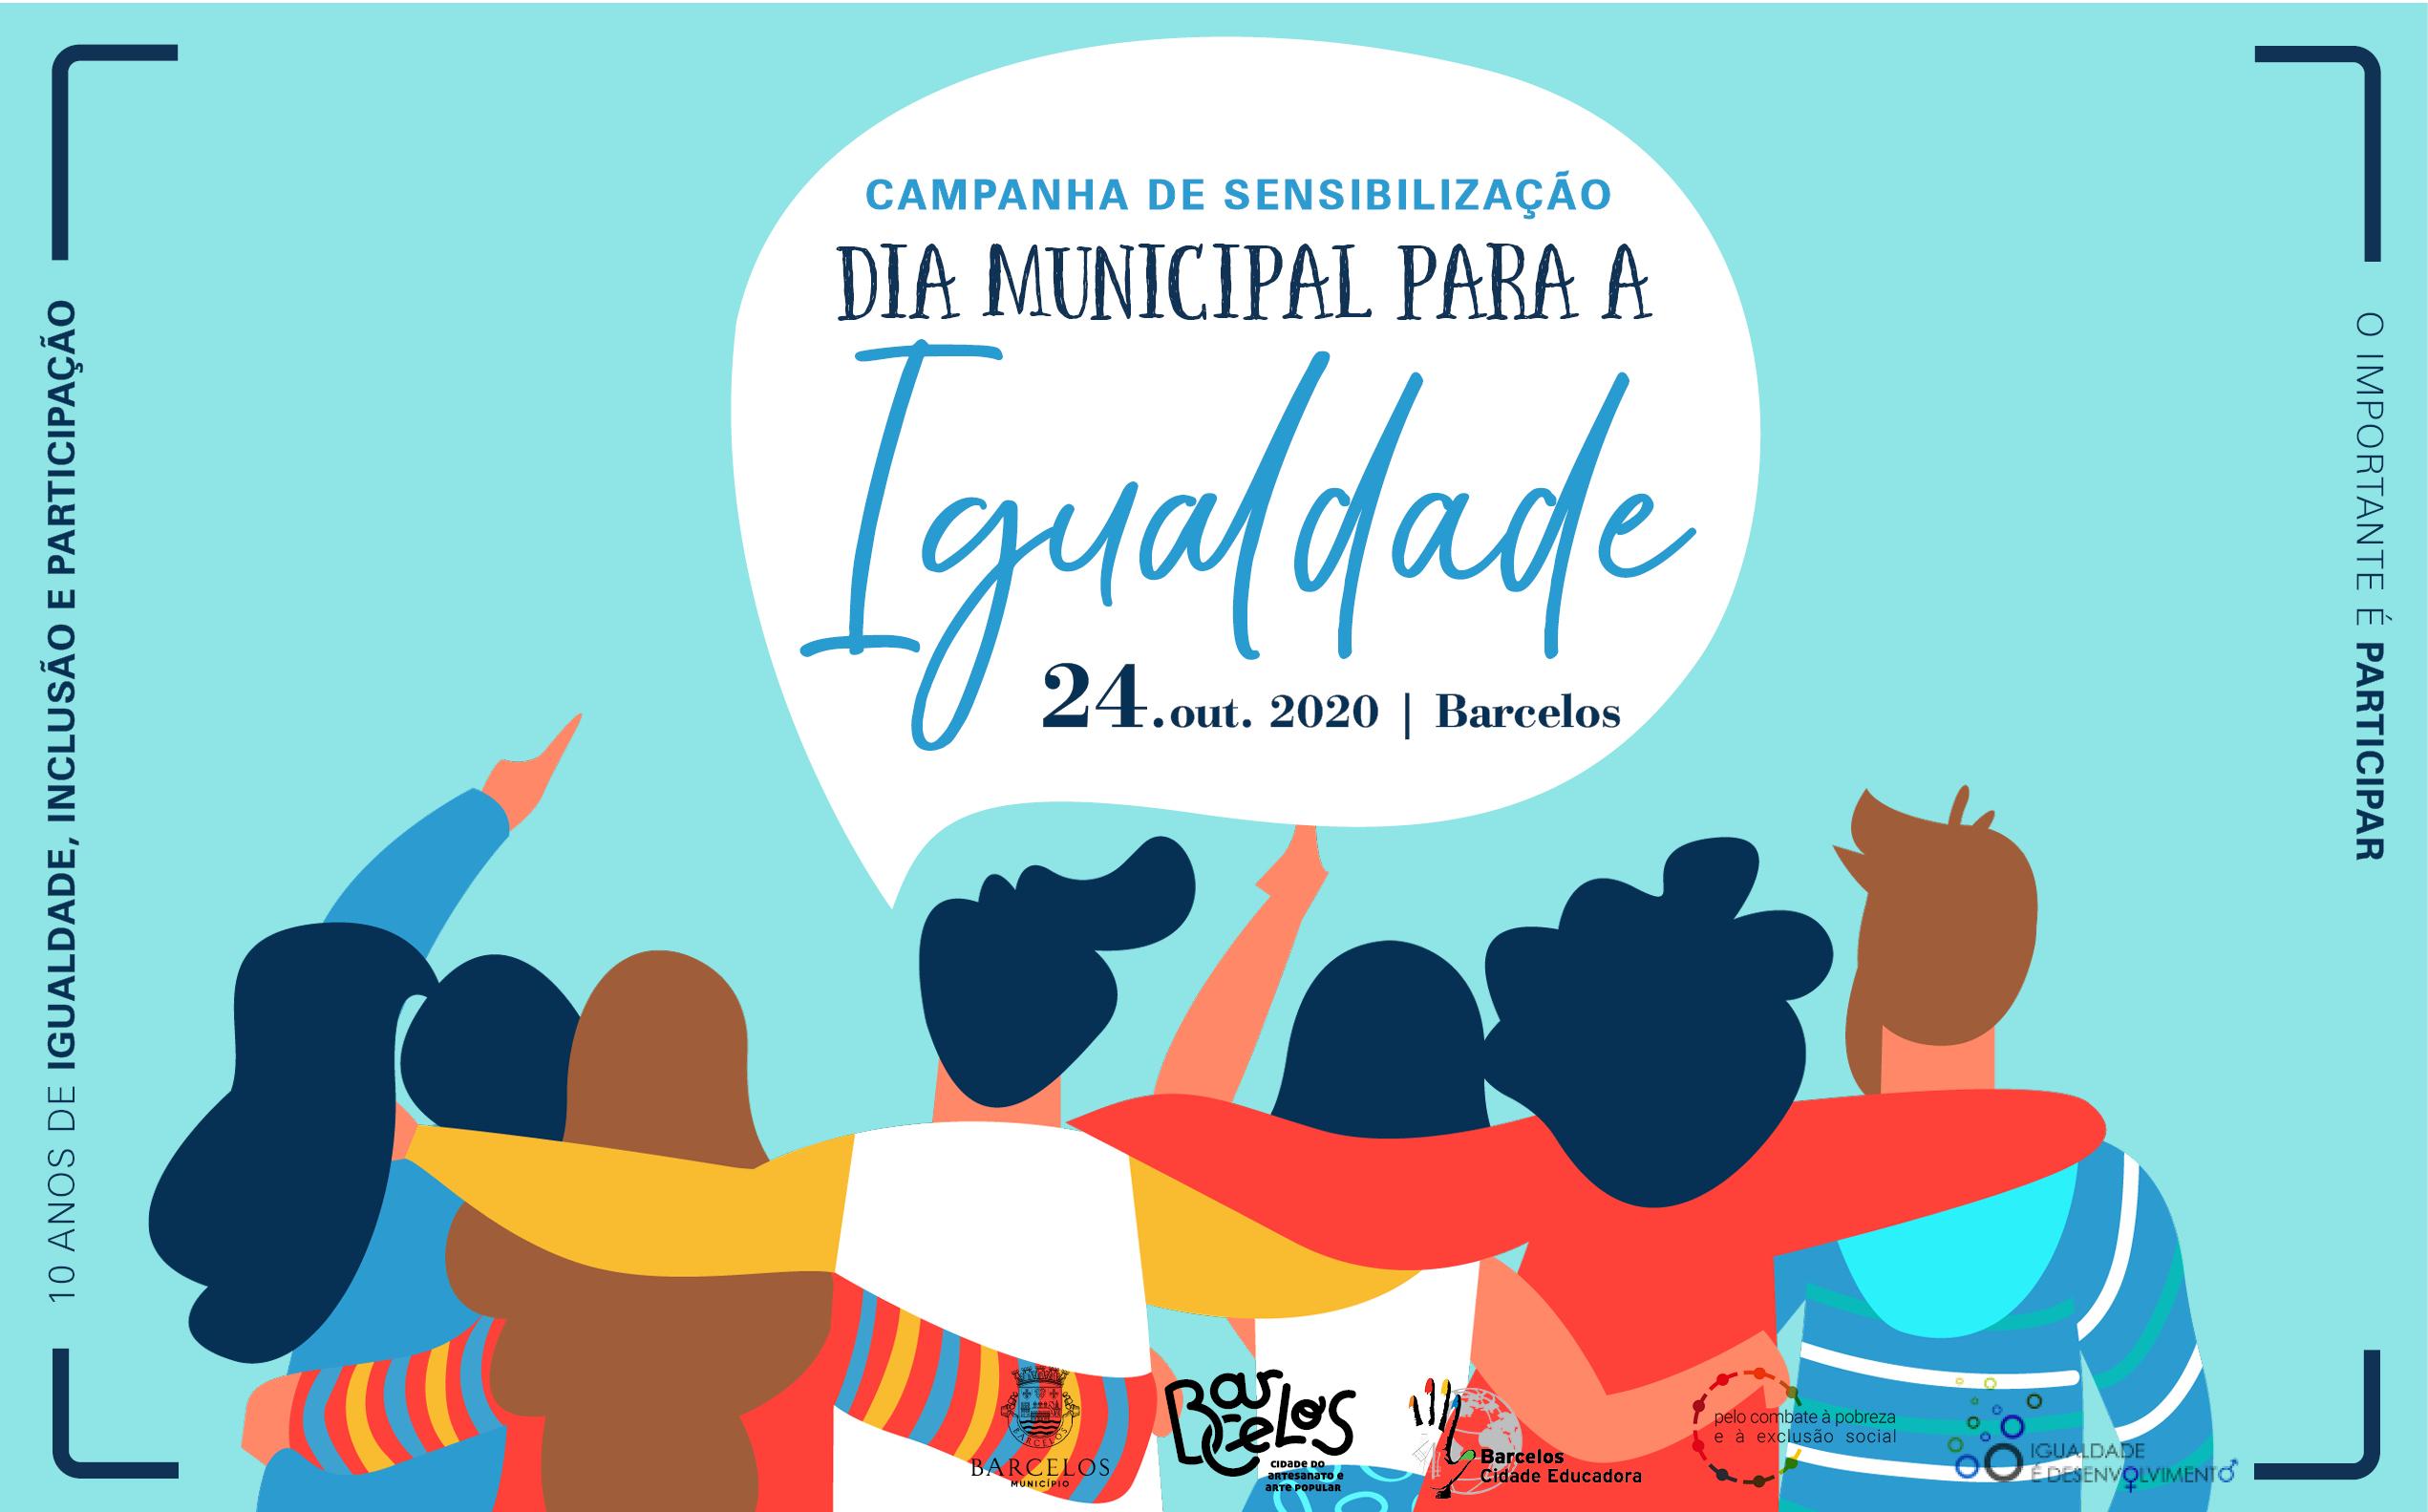 Barcelos assinala o Dia Municipal para a Igualdade